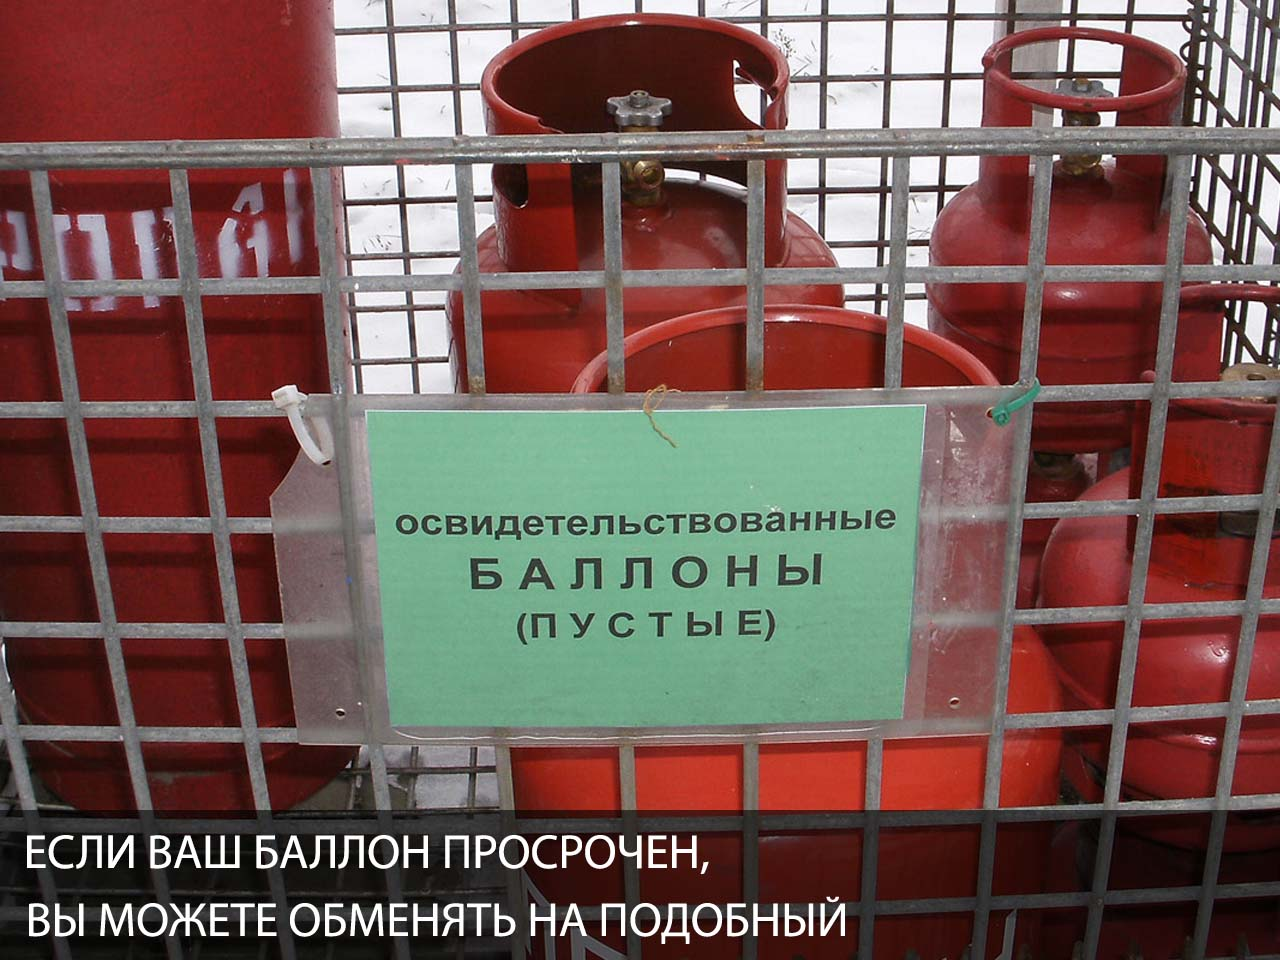 Аттестация и освидетельствование газовых баллонов